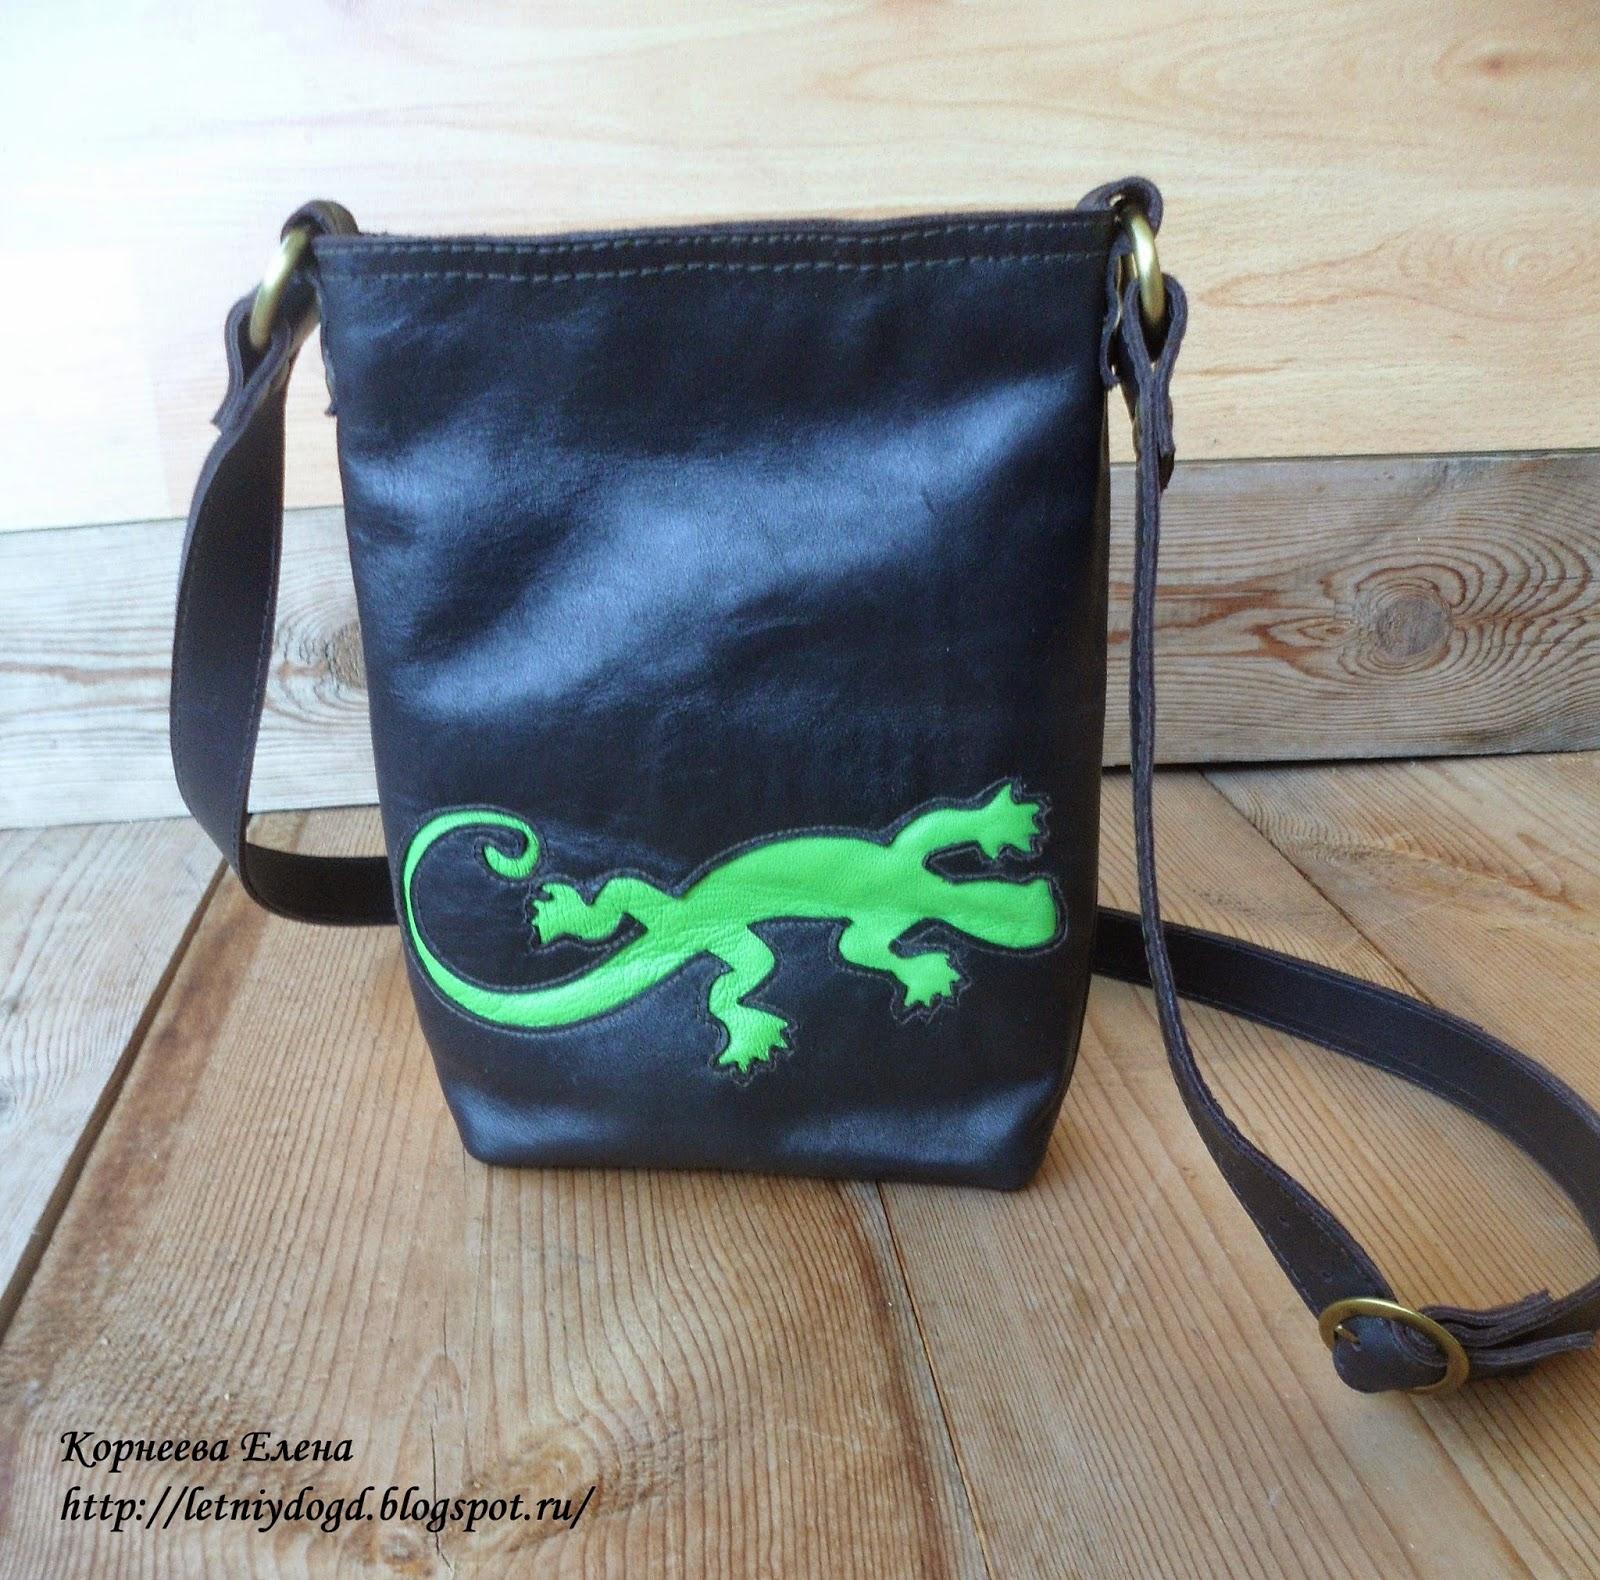 кожаная сумка с аппликацией ящерка